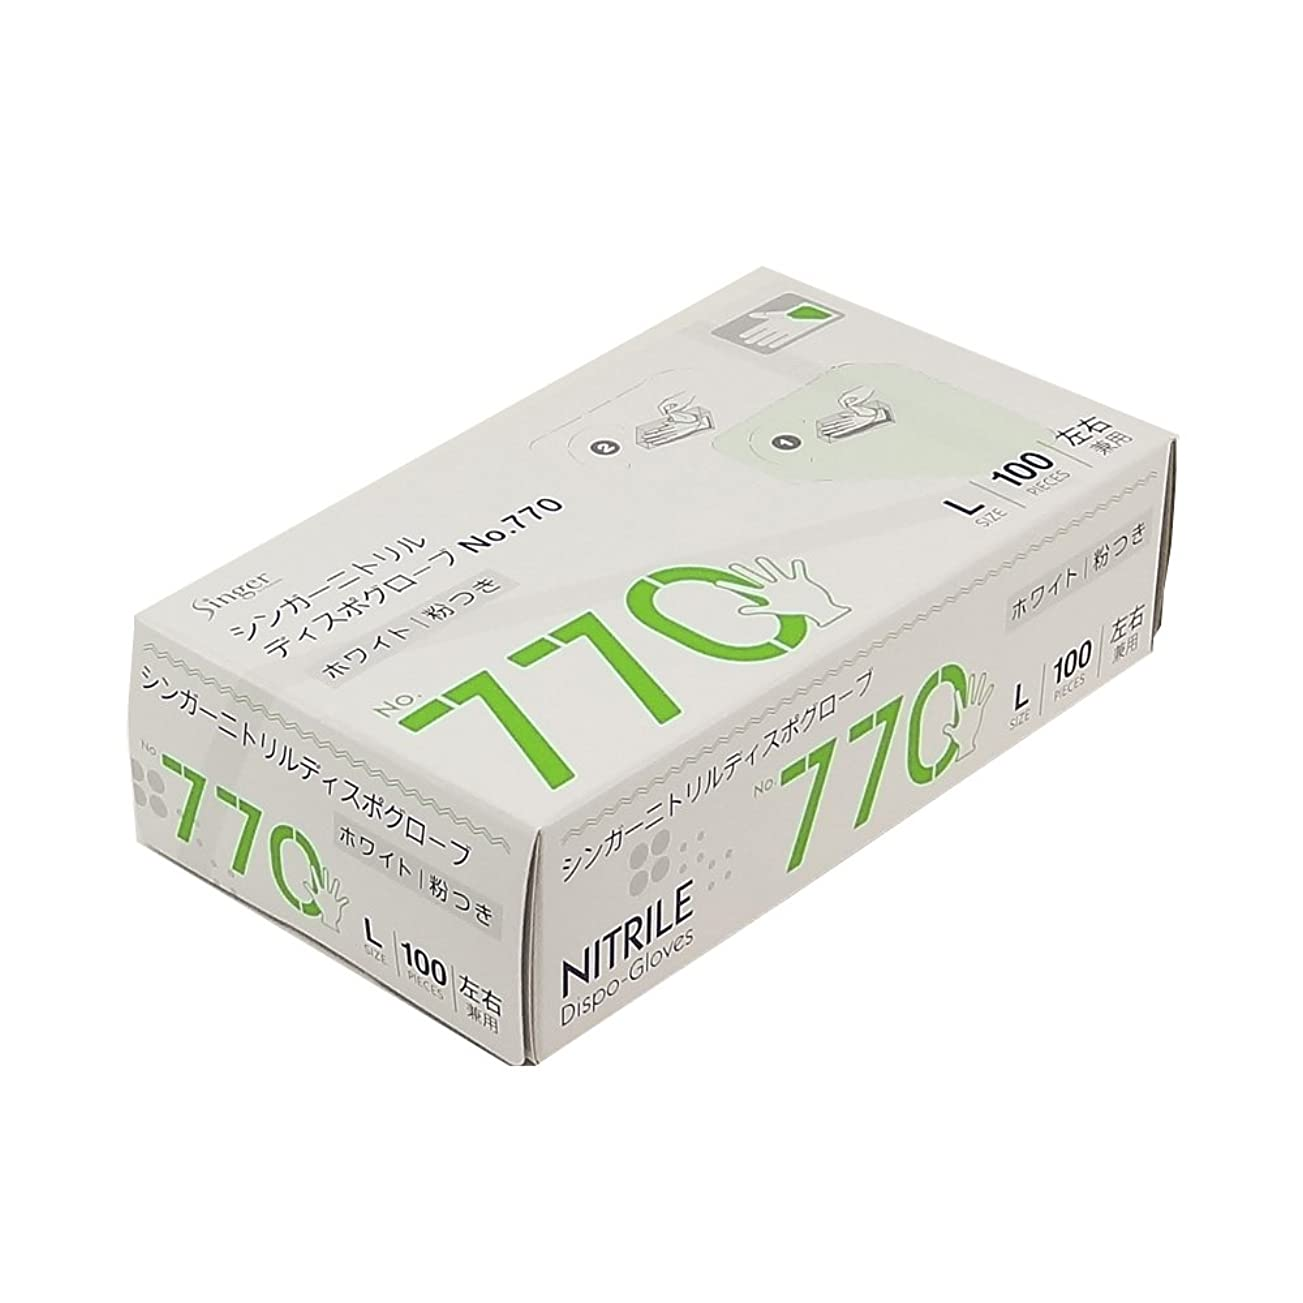 恐ろしいです桁放射する宇都宮製作 ディスポ手袋 シンガーニトリルディスポグローブ No.770 ホワイト 粉付 100枚入  L